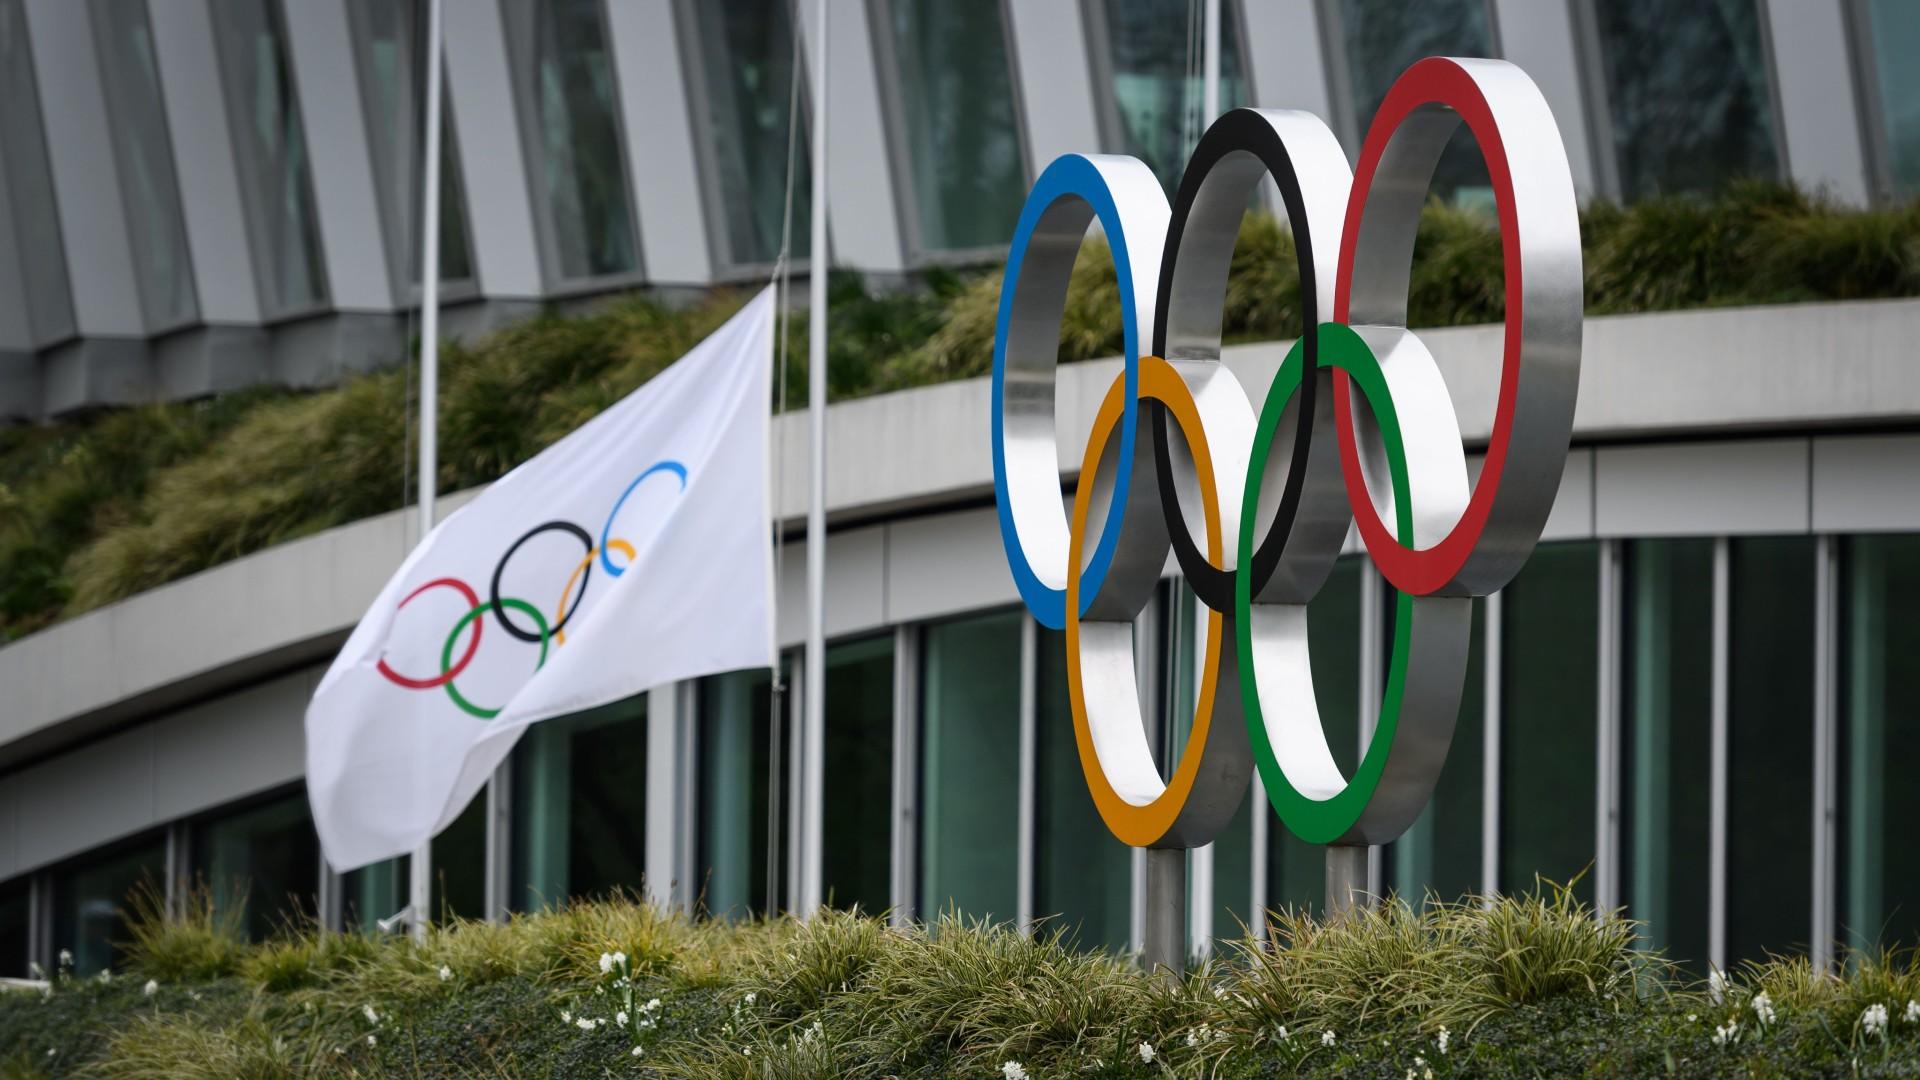 Cuándo son los Juegos Olímpicos de Tokio 2021 y por qué se pospusieron? | Goal.com